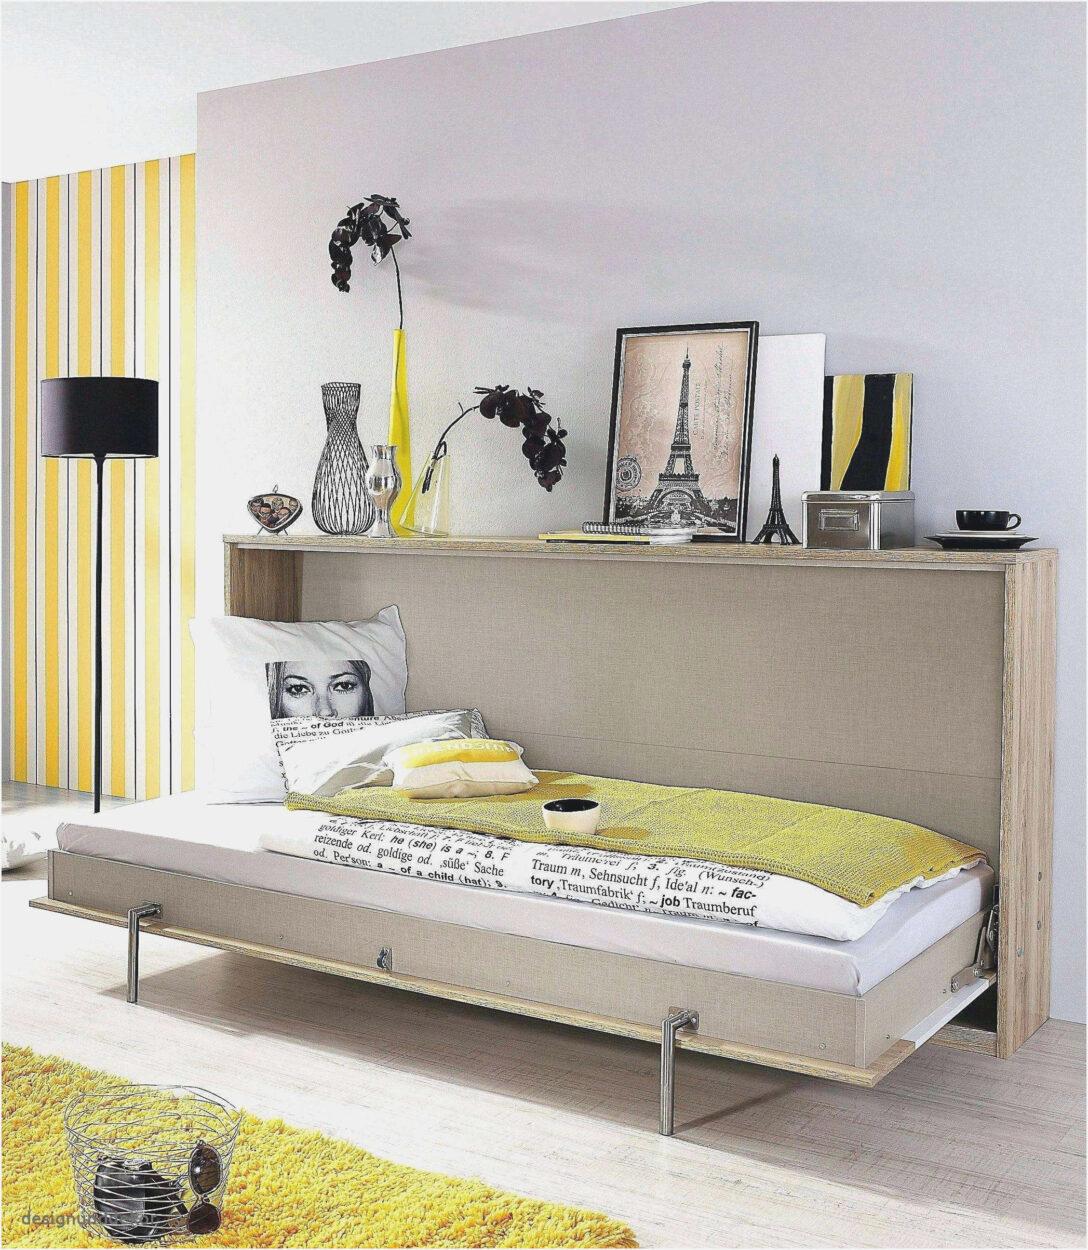 Large Size of Wanddeko Schlafzimmer Ikea Traumhaus Dekoration Schranksysteme Kronleuchter Luxus Schränke Wandtattoo Romantische Komplette Deckenleuchte Modern Massivholz Wohnzimmer Wanddeko Schlafzimmer